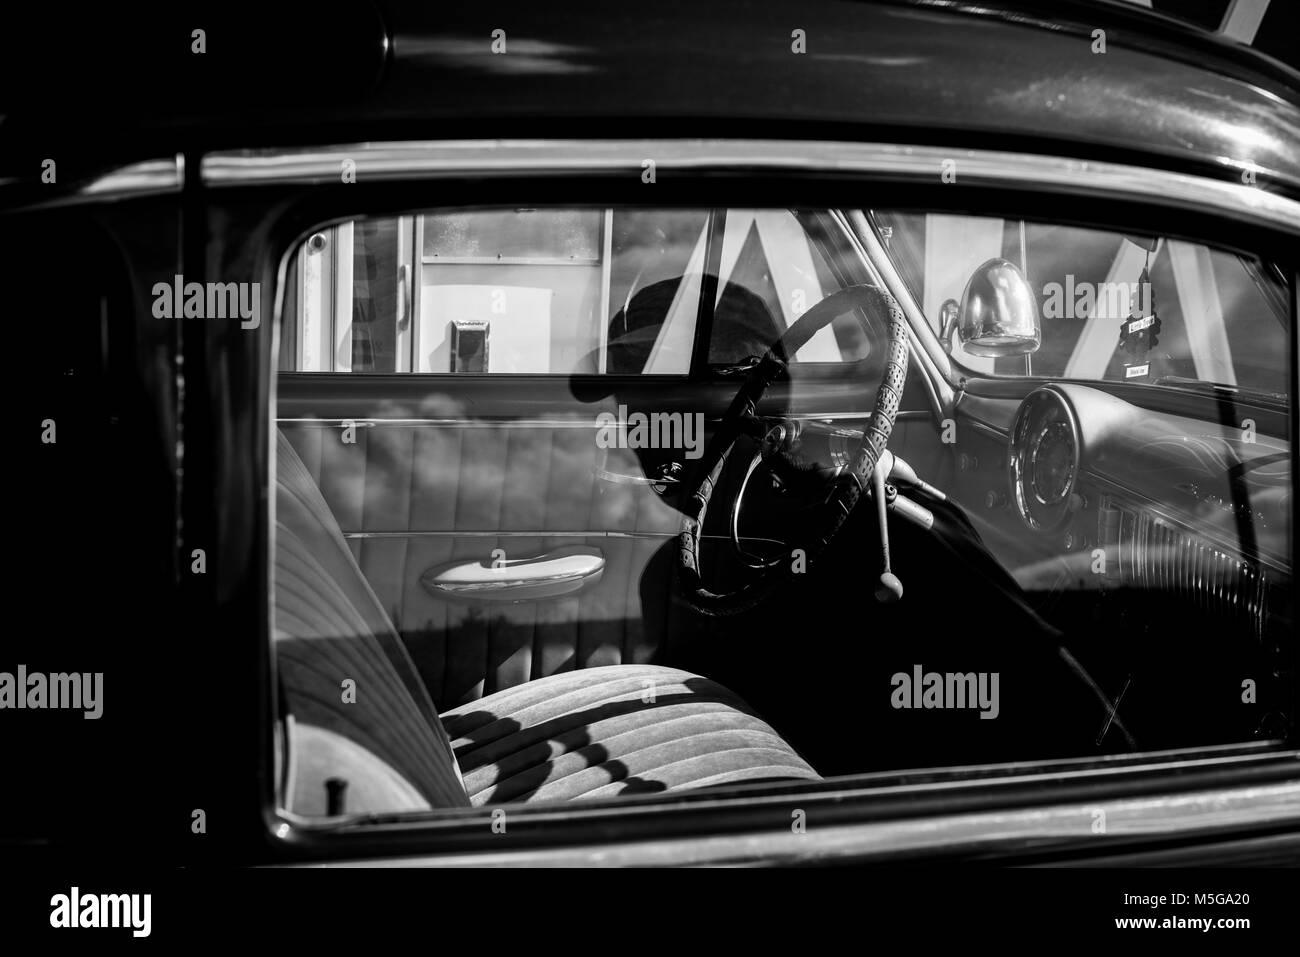 La réflexion monochrome d'un homme dans une voiture Chevrolet vintage. Photo Stock